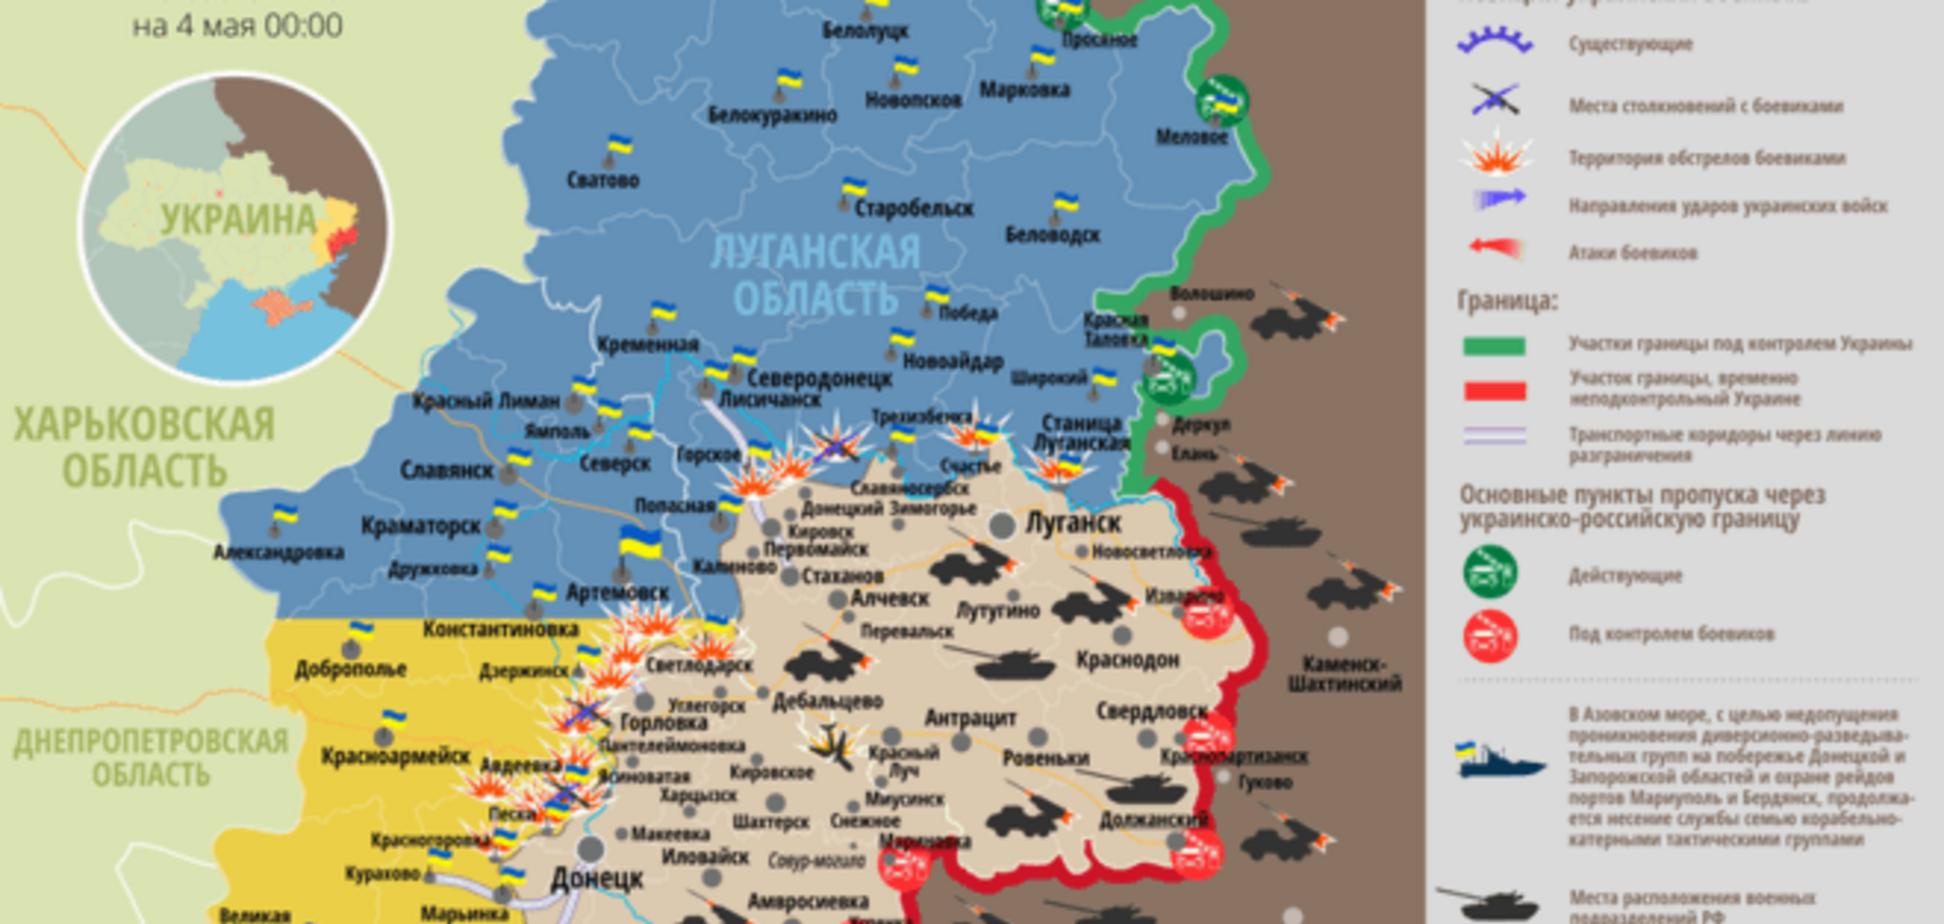 Бої і загиблі на Донбасі: актуальна мапа АТО